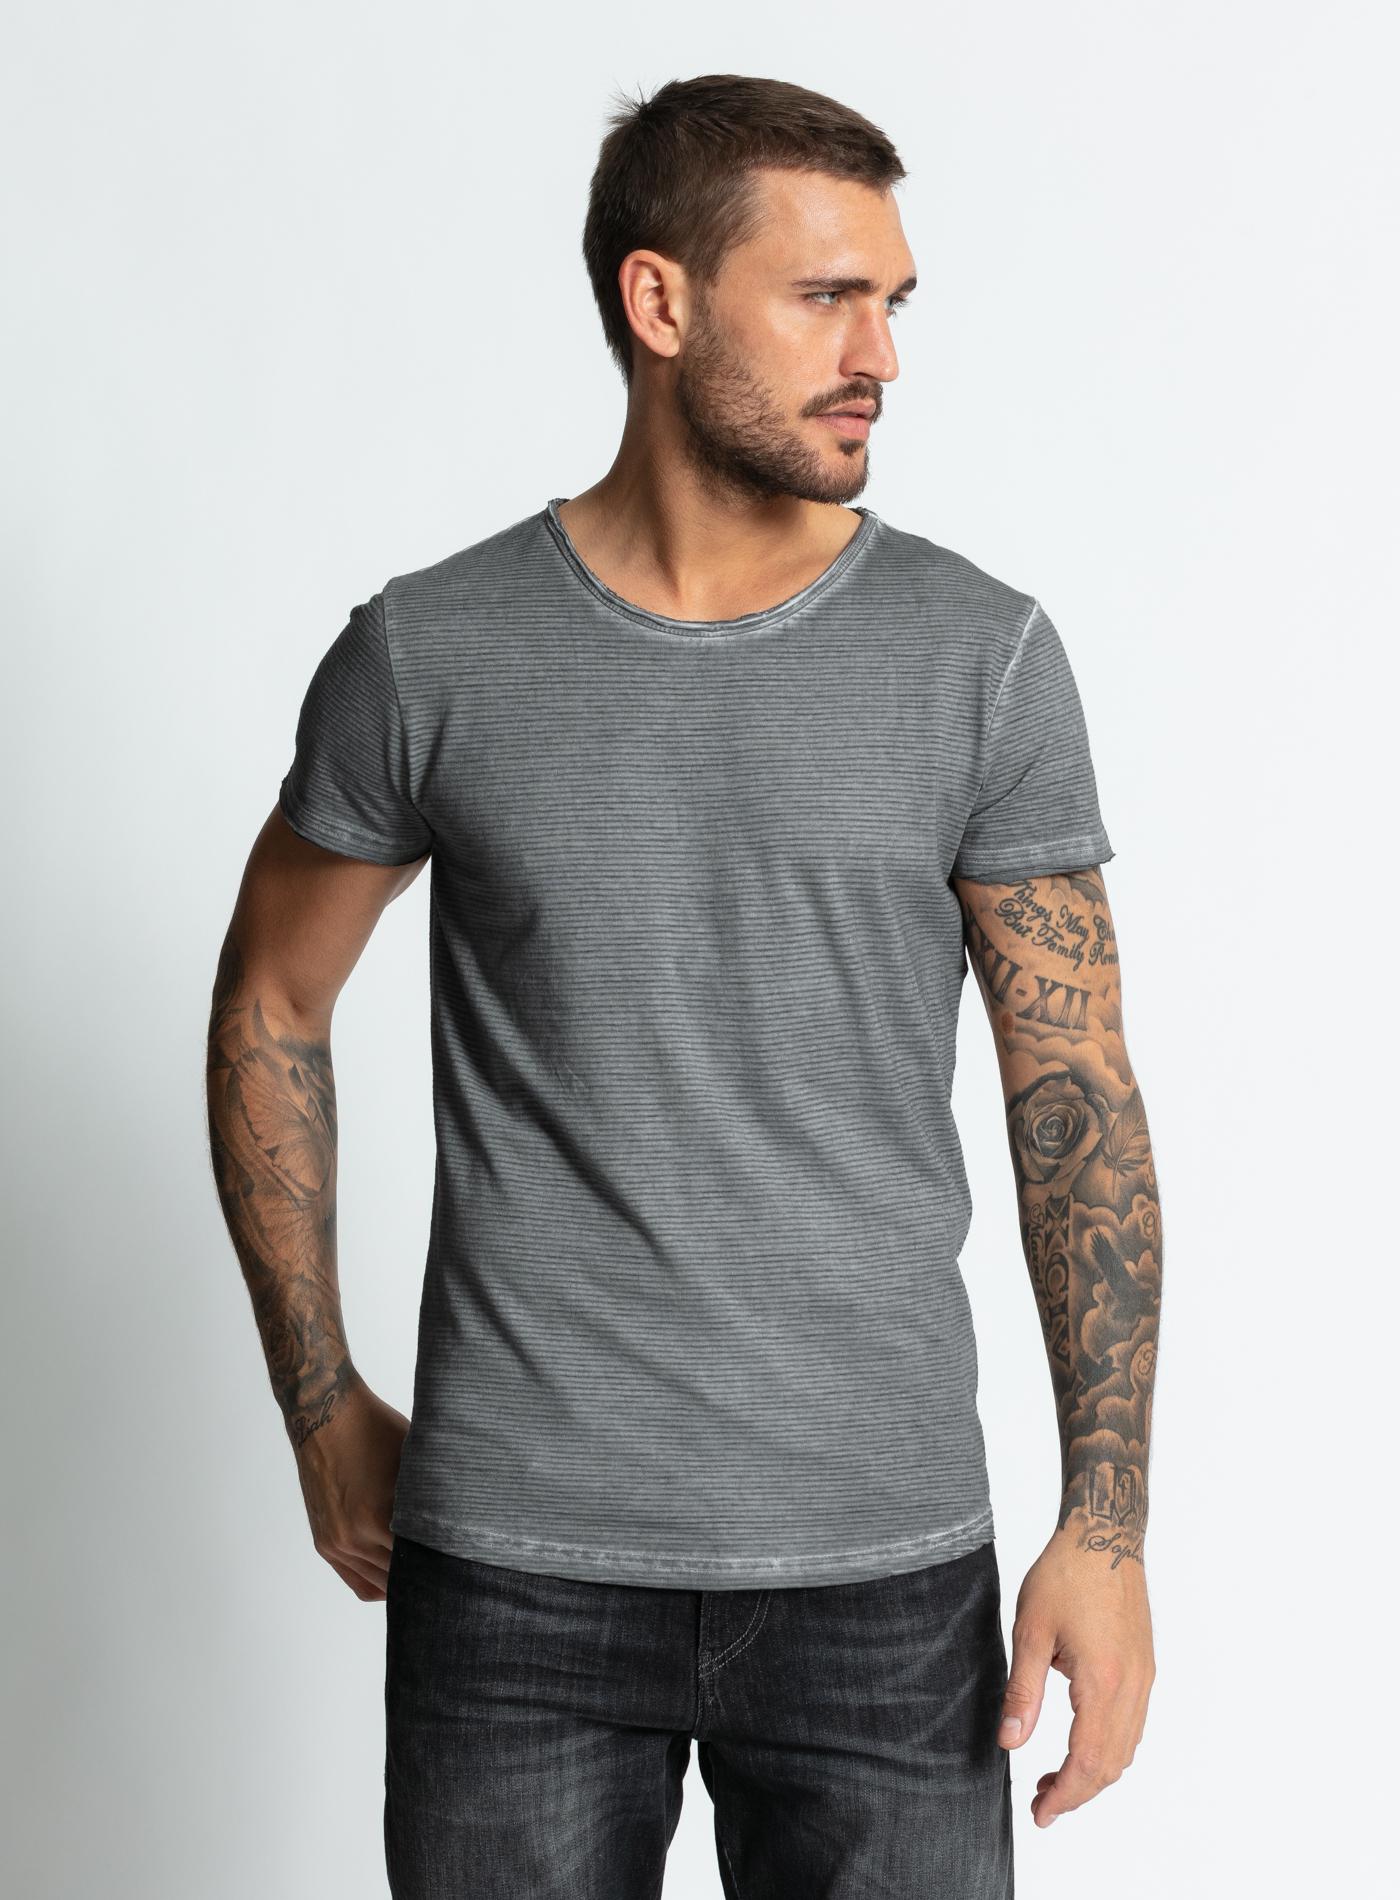 Hochwertiges Marken Herren T-Shirt kaufen | Wormland